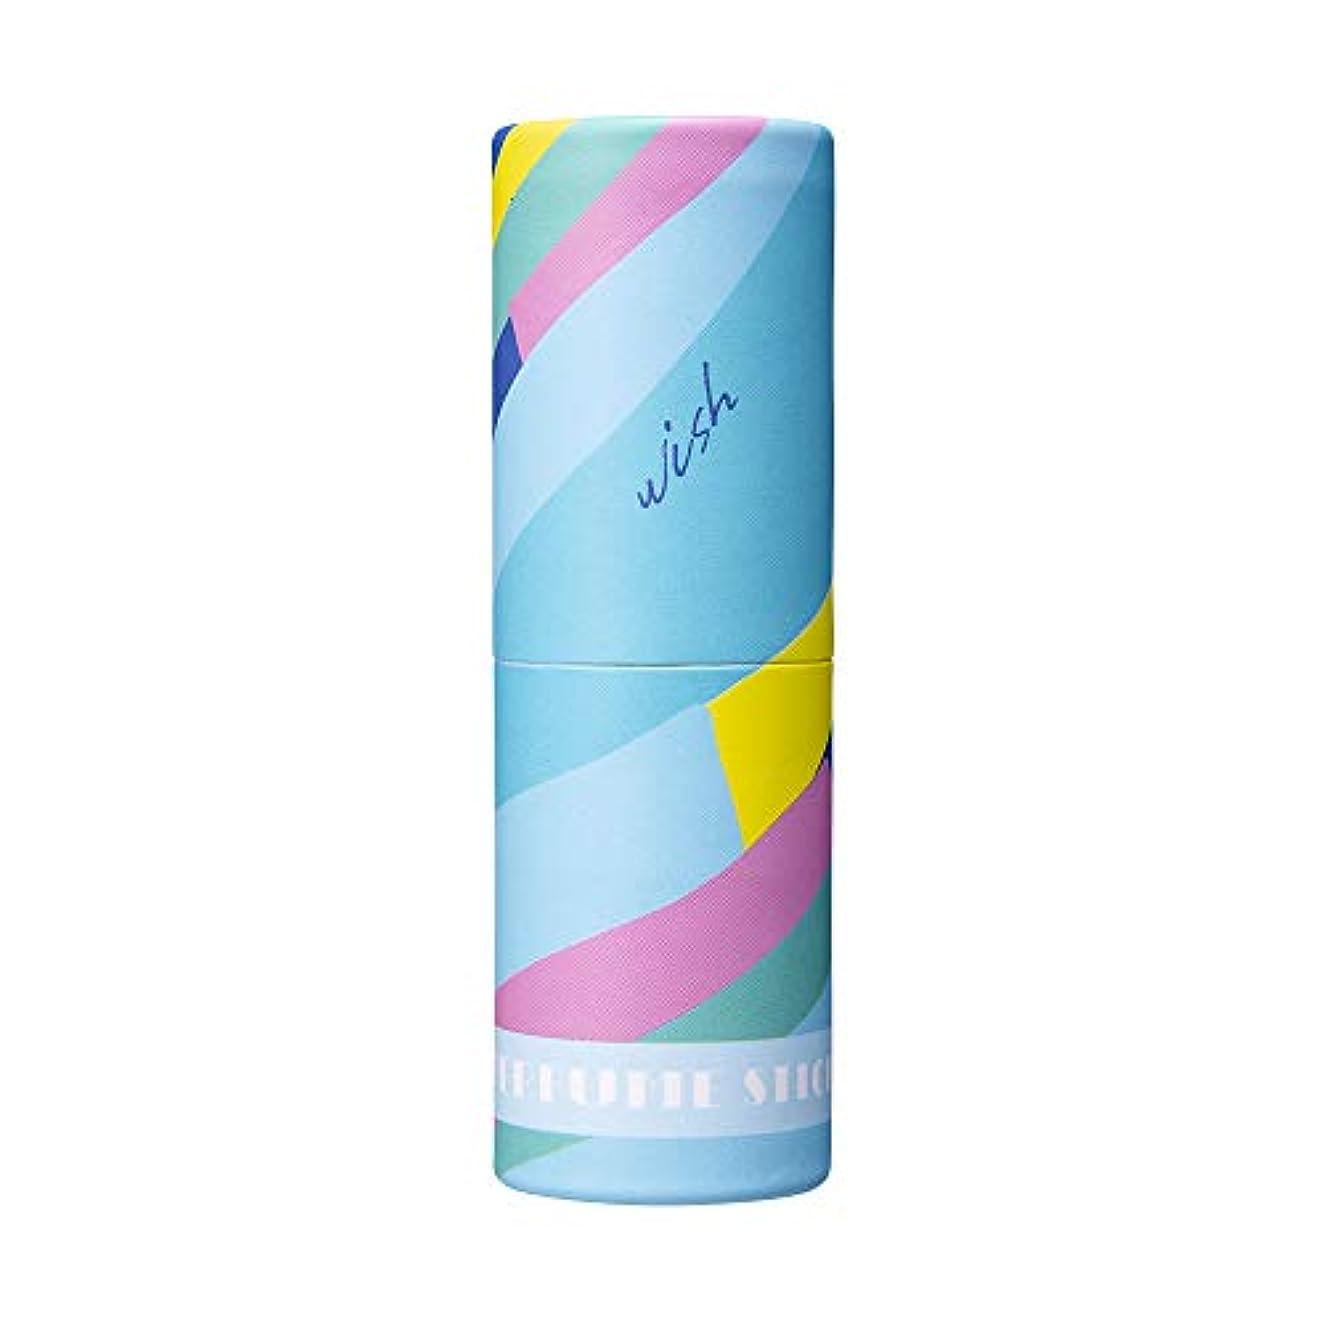 ビヨンあいまいな情熱的パフュームスティック ウィッシュ ホワイトフラワー&シャボンの香り オリジナルデザイン 5g